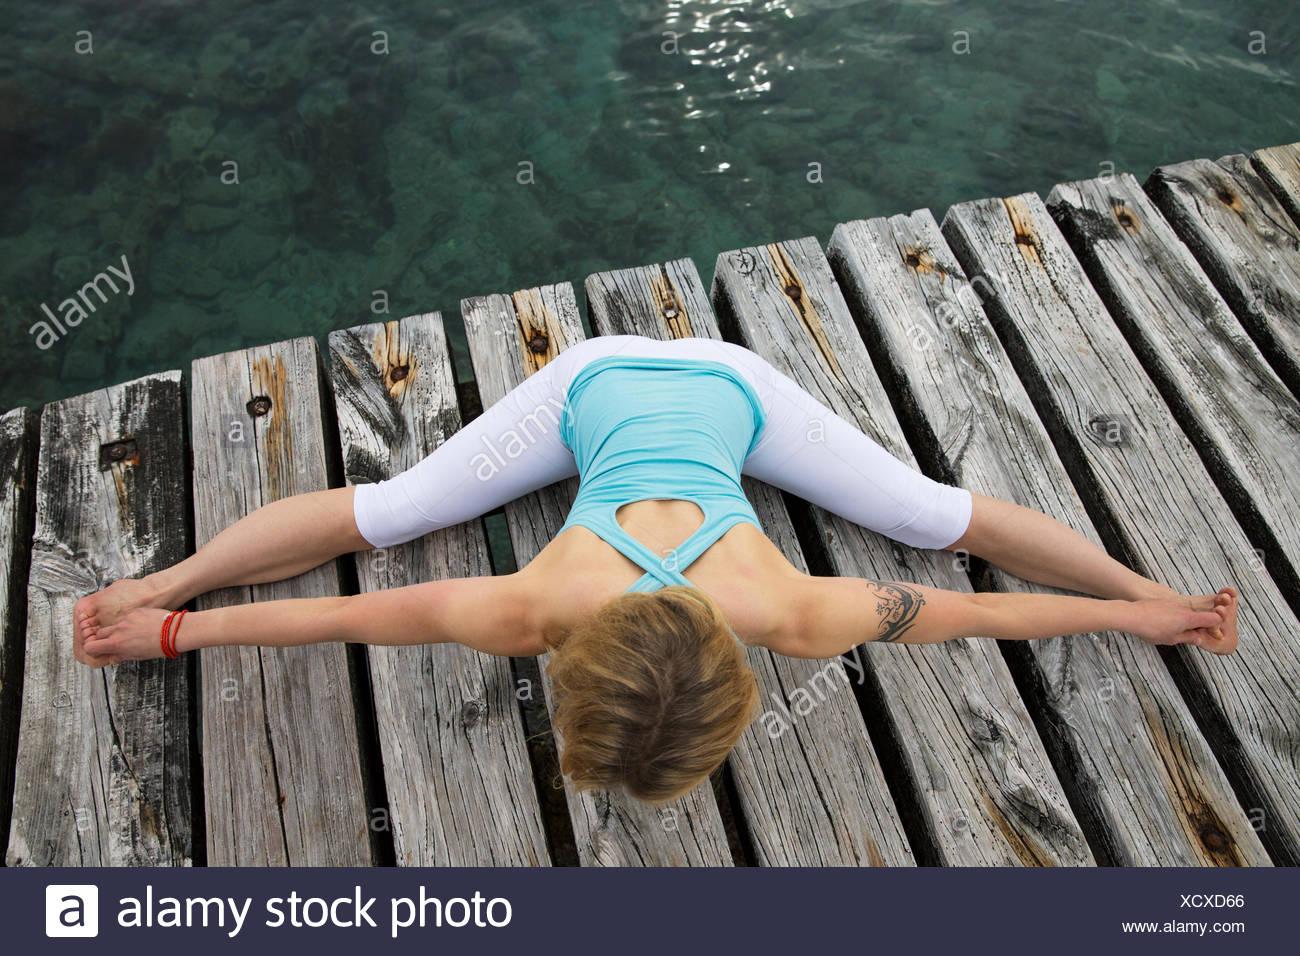 Portrait of mid adult woman avec les bras et les jambes tendus practicing yoga on wooden pier mer Photo Stock